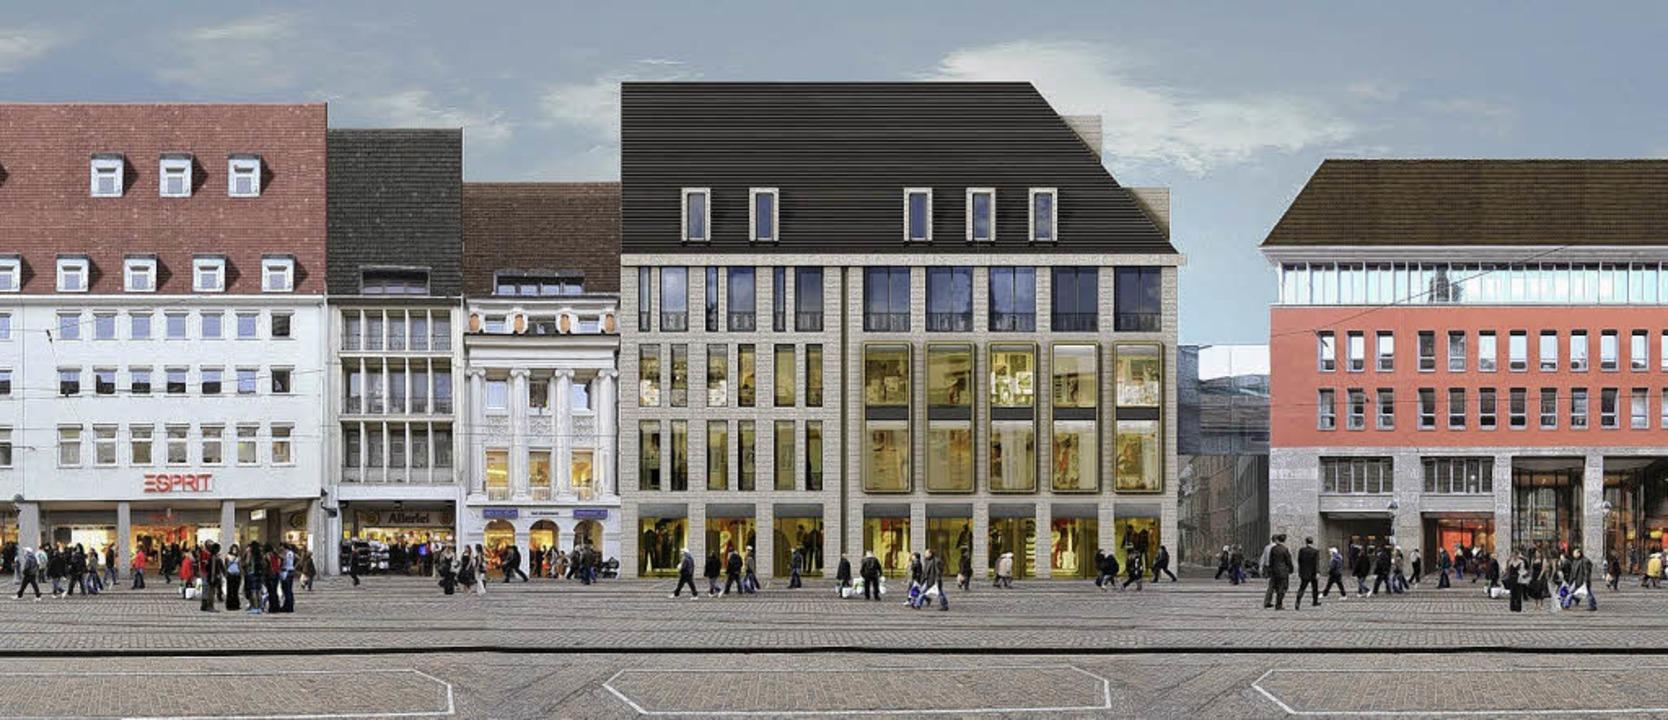 Beliebig sei die Fassade, die der Arch...entworfen hat, meint der Bauausschuss.    Foto: wöhr